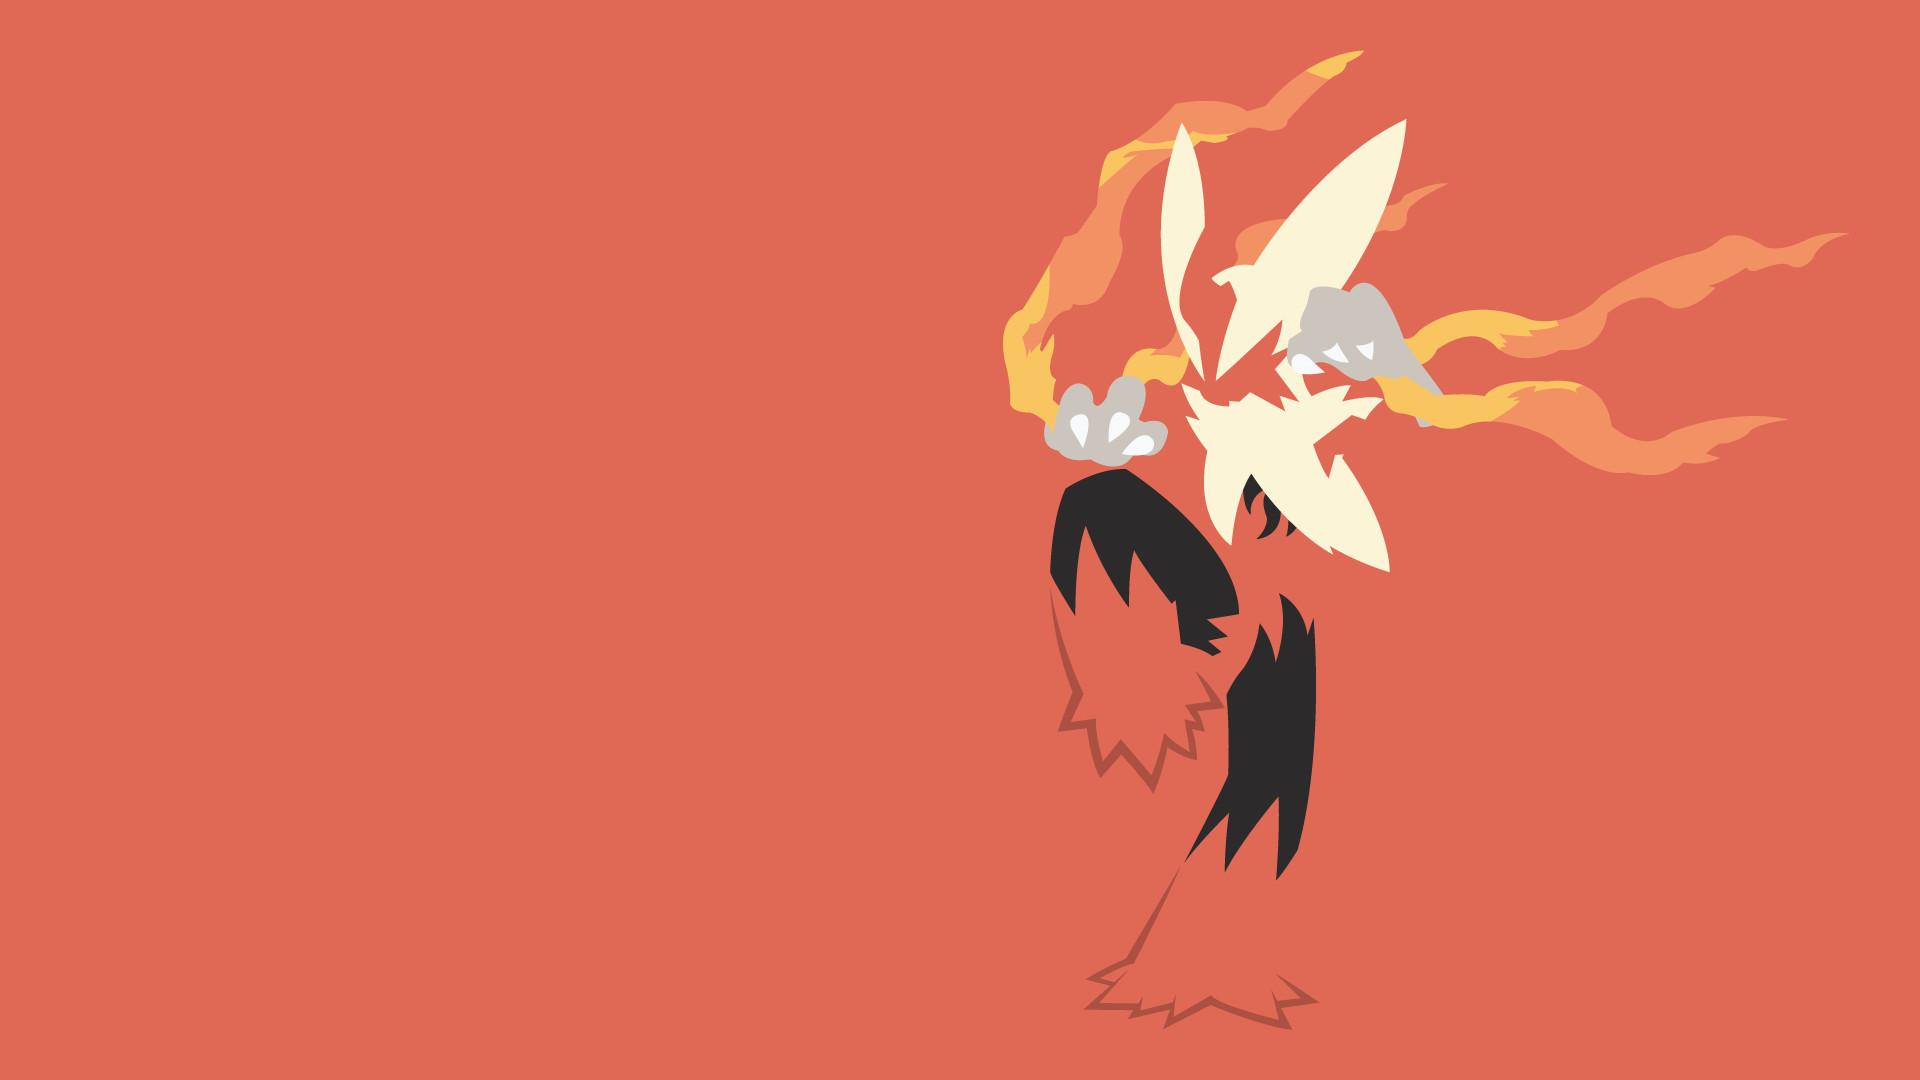 Pokemon Fire Type Starters as Minimalist Wallpapers